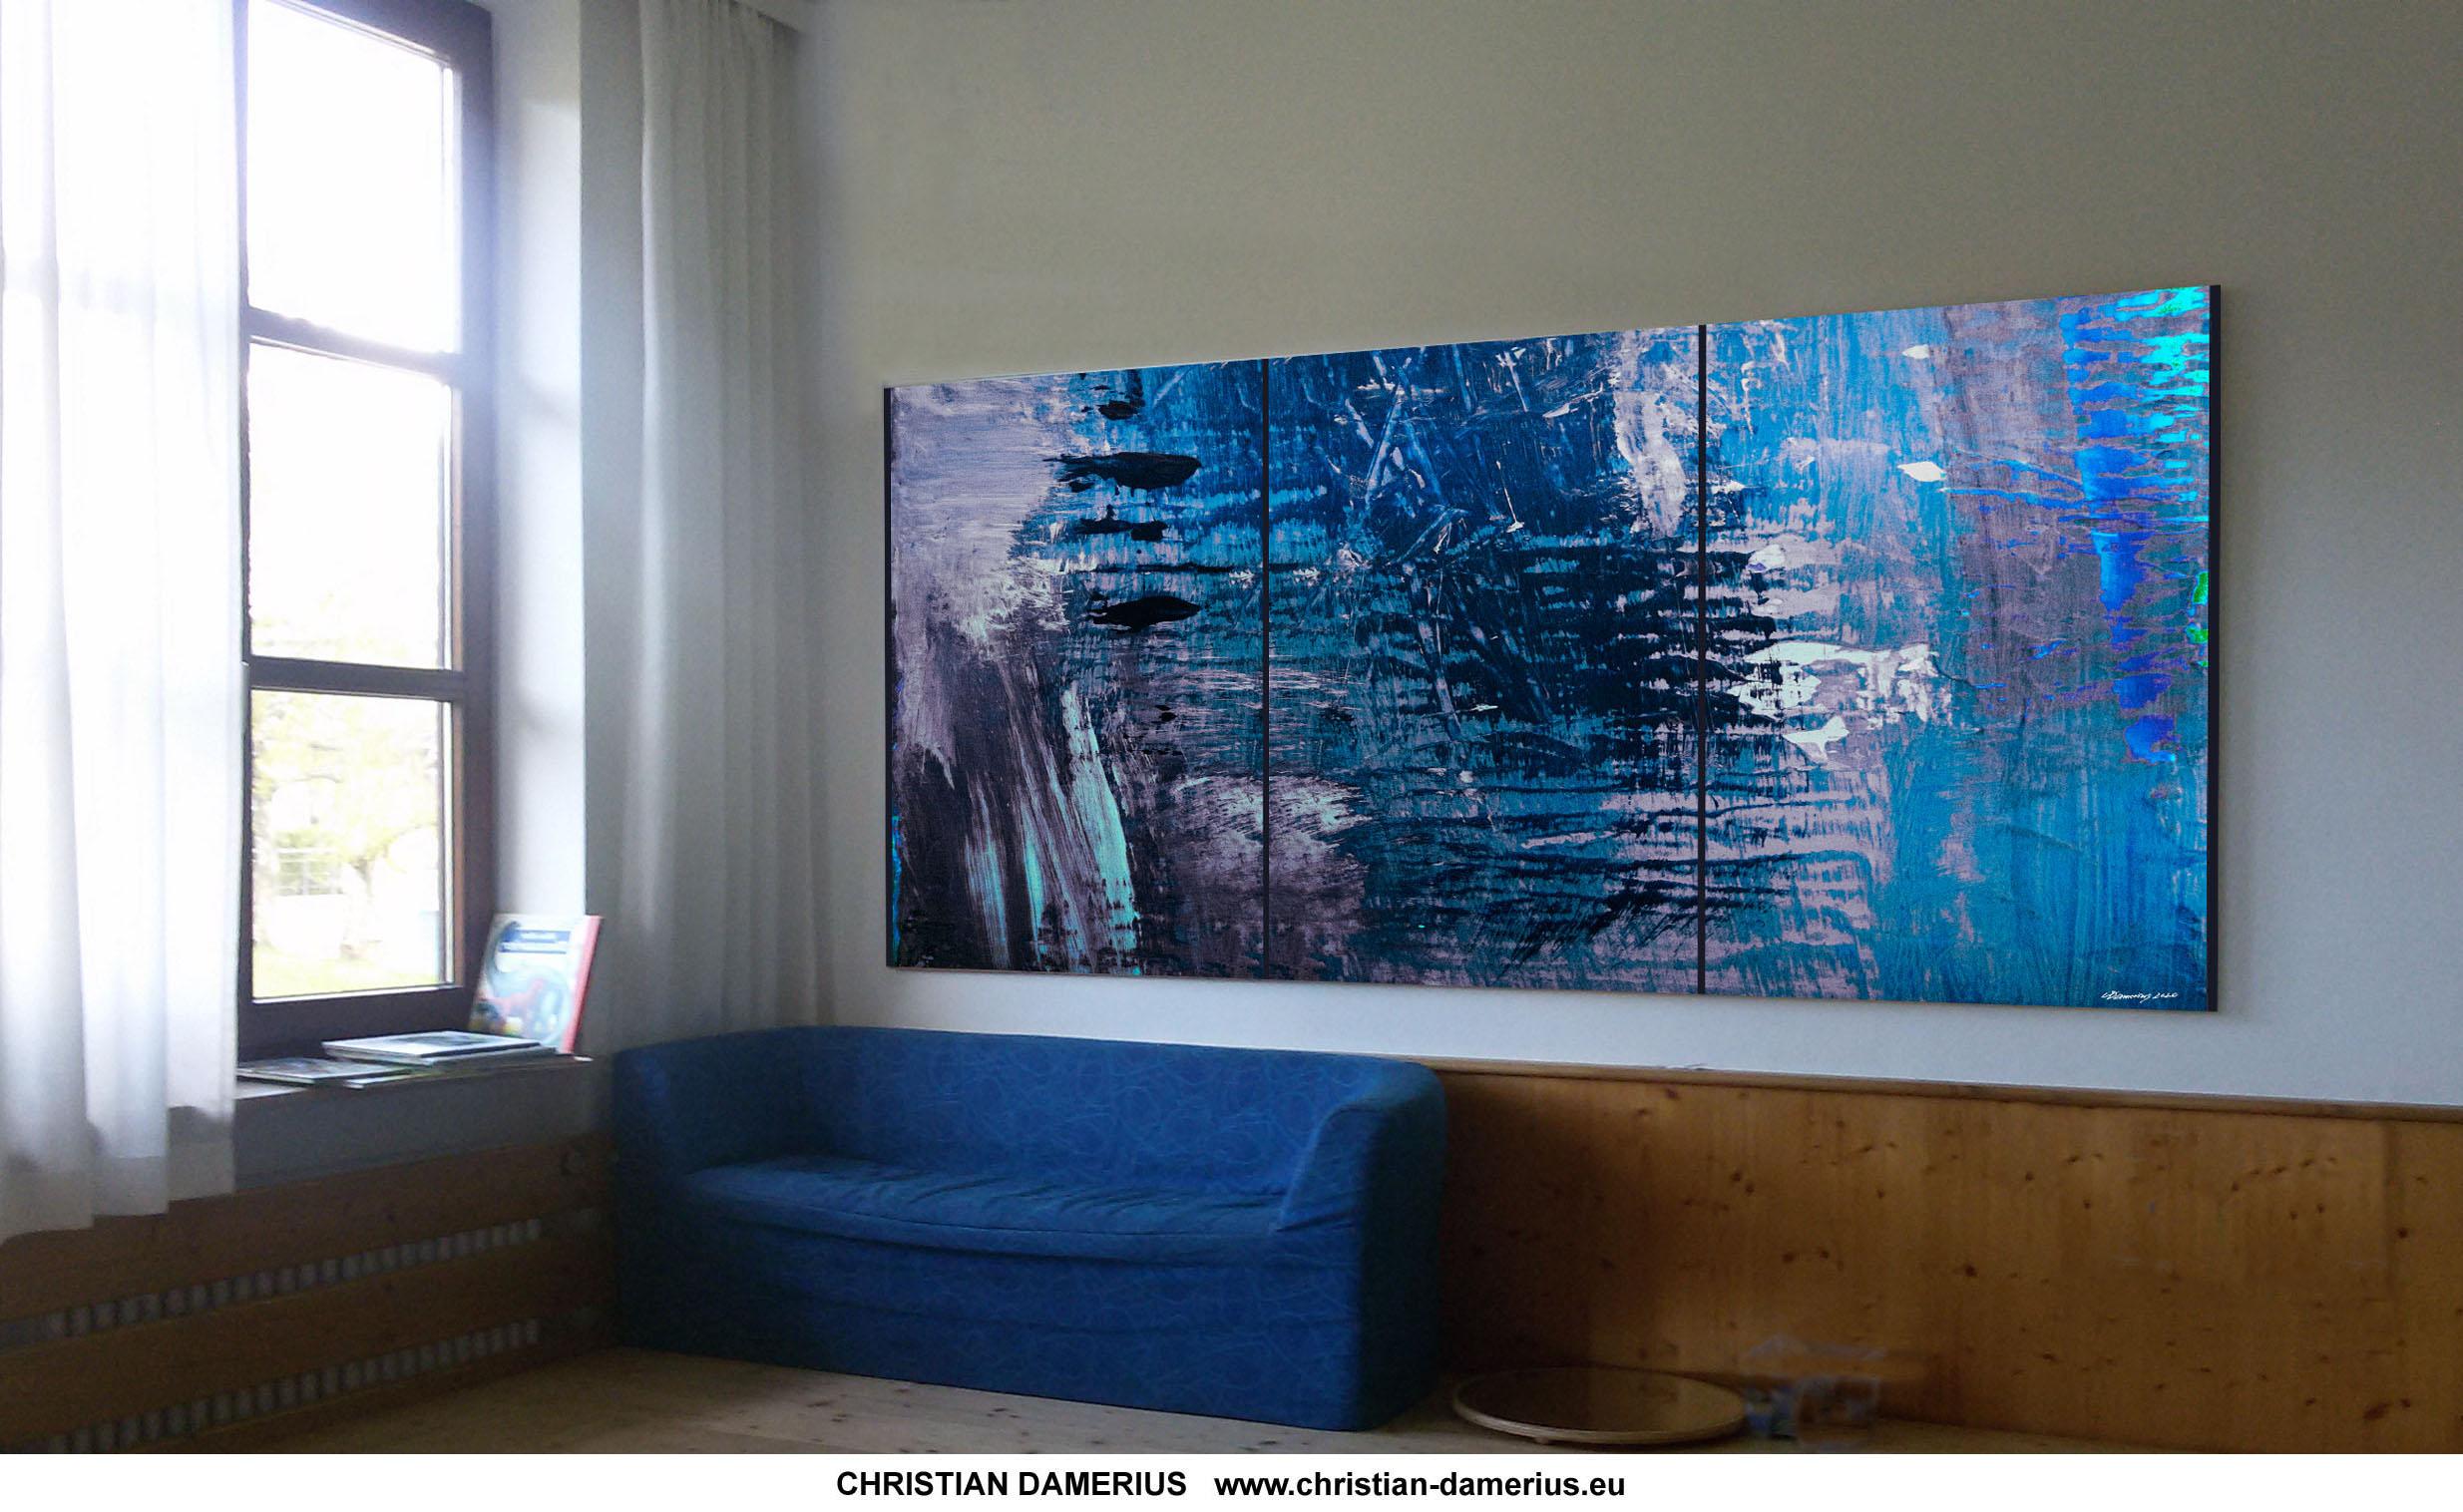 unter wasser,kunstdrucke in blau,moderne malerei,wo kunstdrucke kaufen,kunstdrucke online kaufen,kunstdrucke wasser,moderne malerei,kunstdrucke moderne bilderwände